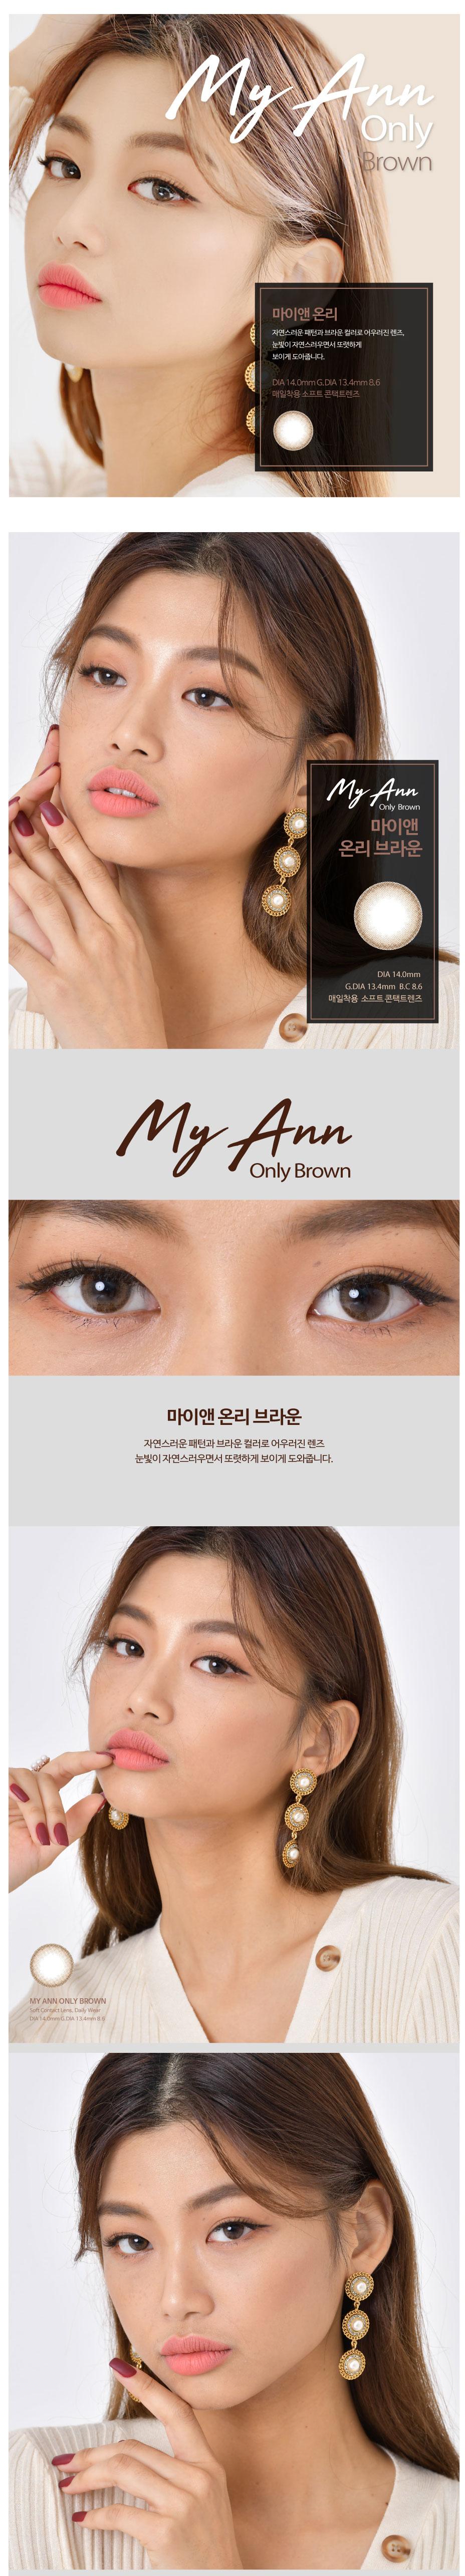 my-ann-only-brown-main4.jpg